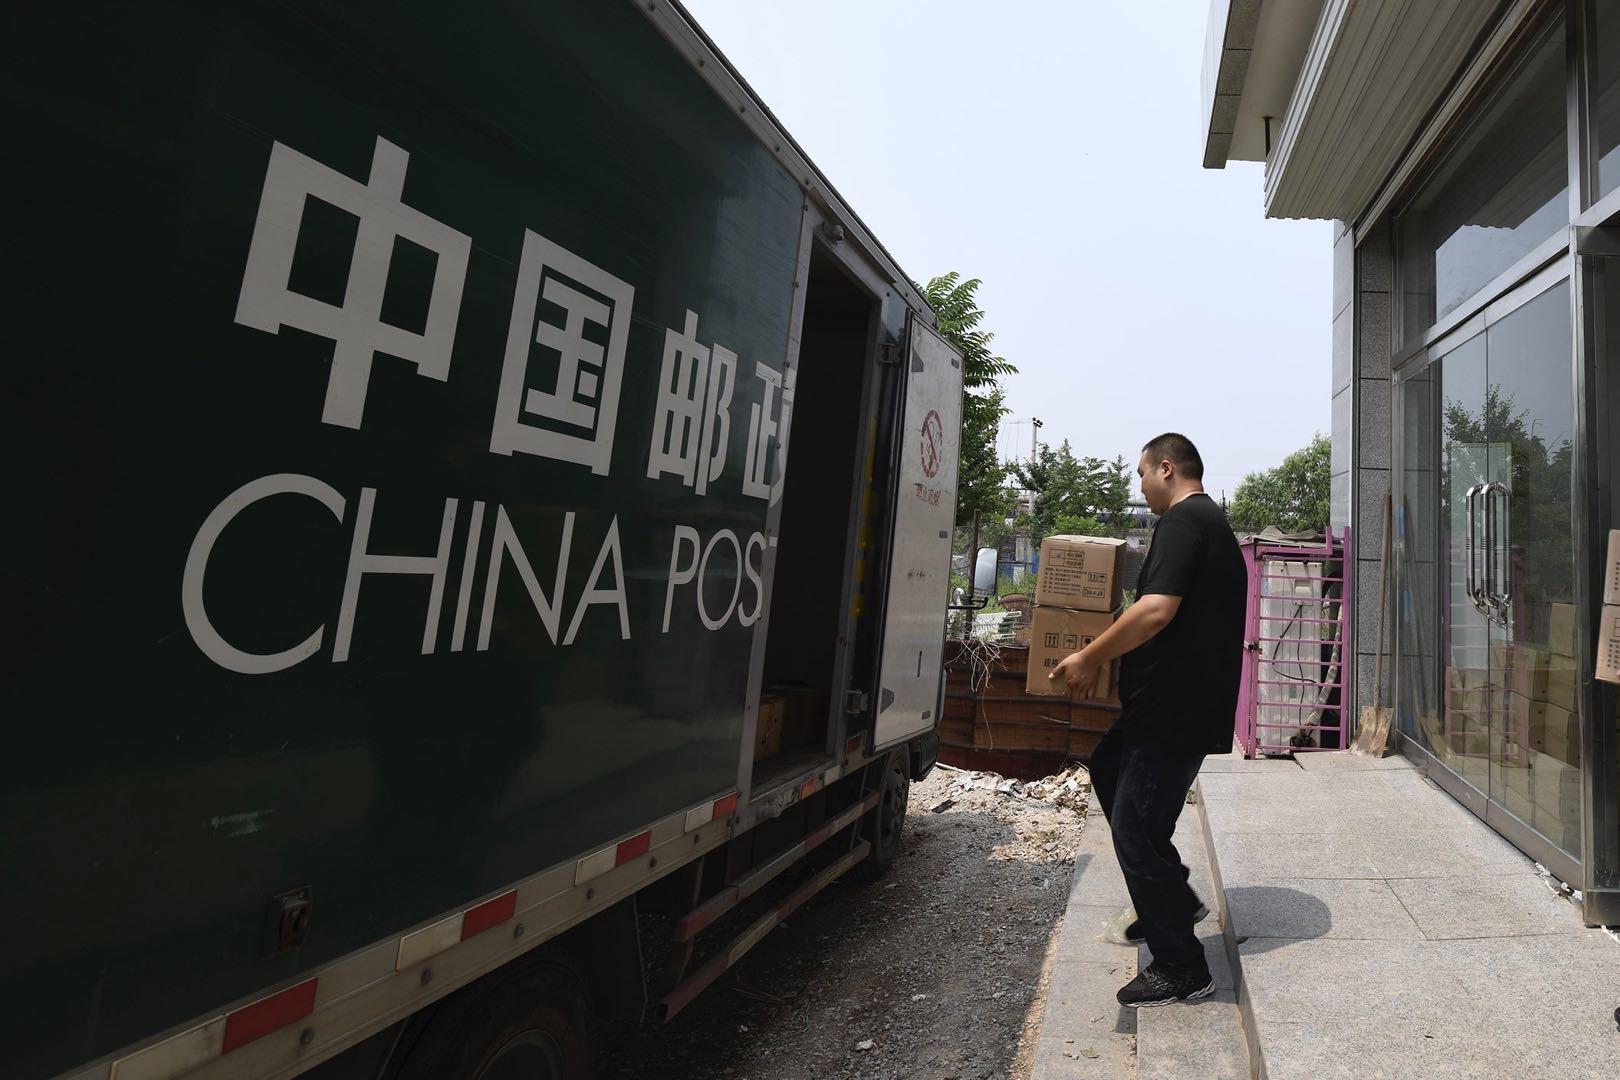 中国邮政开药房: 从物流延伸而来,仅开一家试水